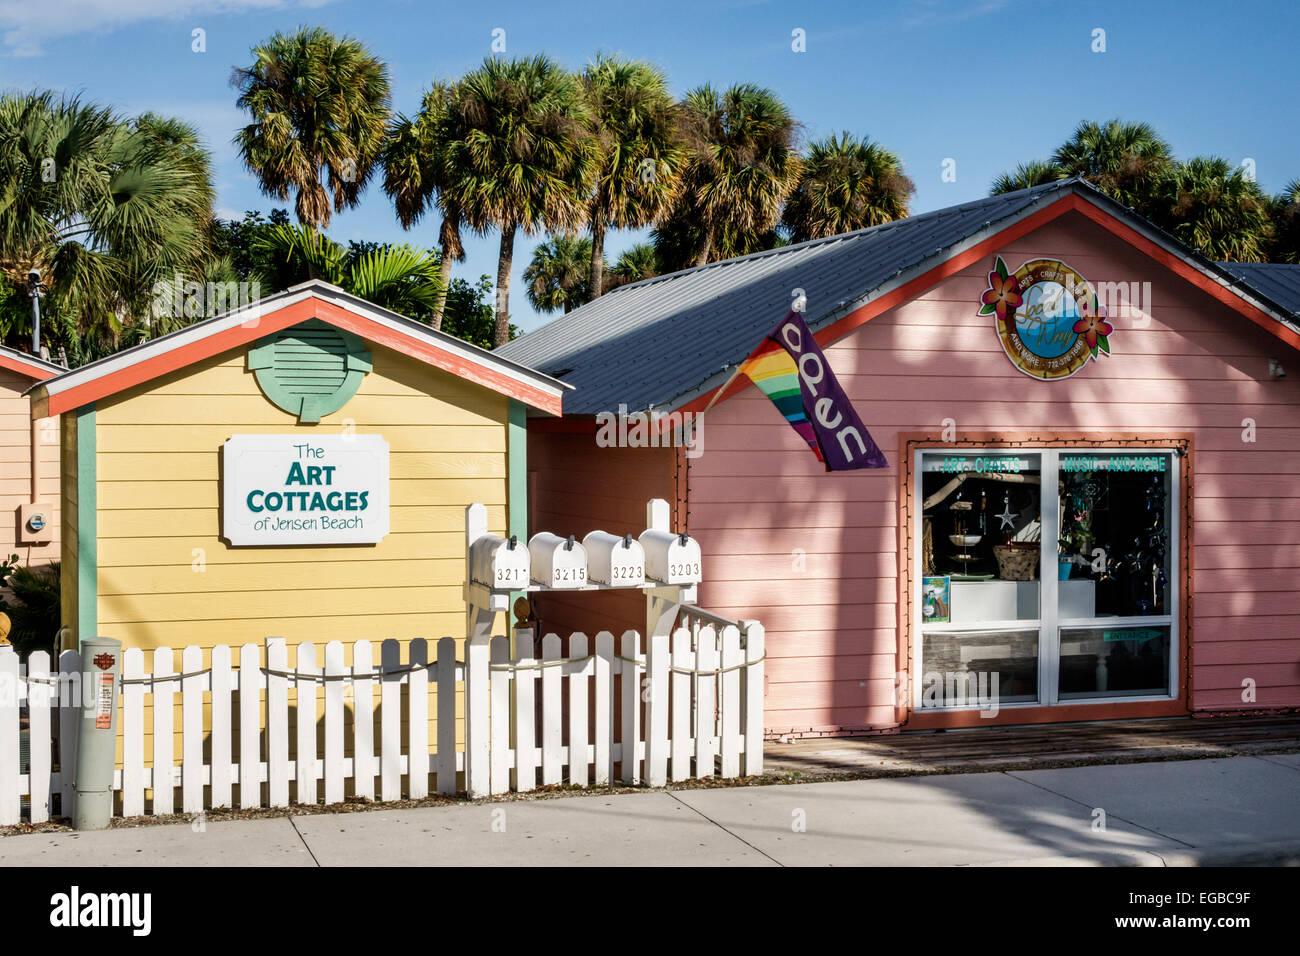 florida jensen beach jensen beach boulevard art cottages local way rh alamy com jensen beach cottages for sale Downtown Jensen Beach